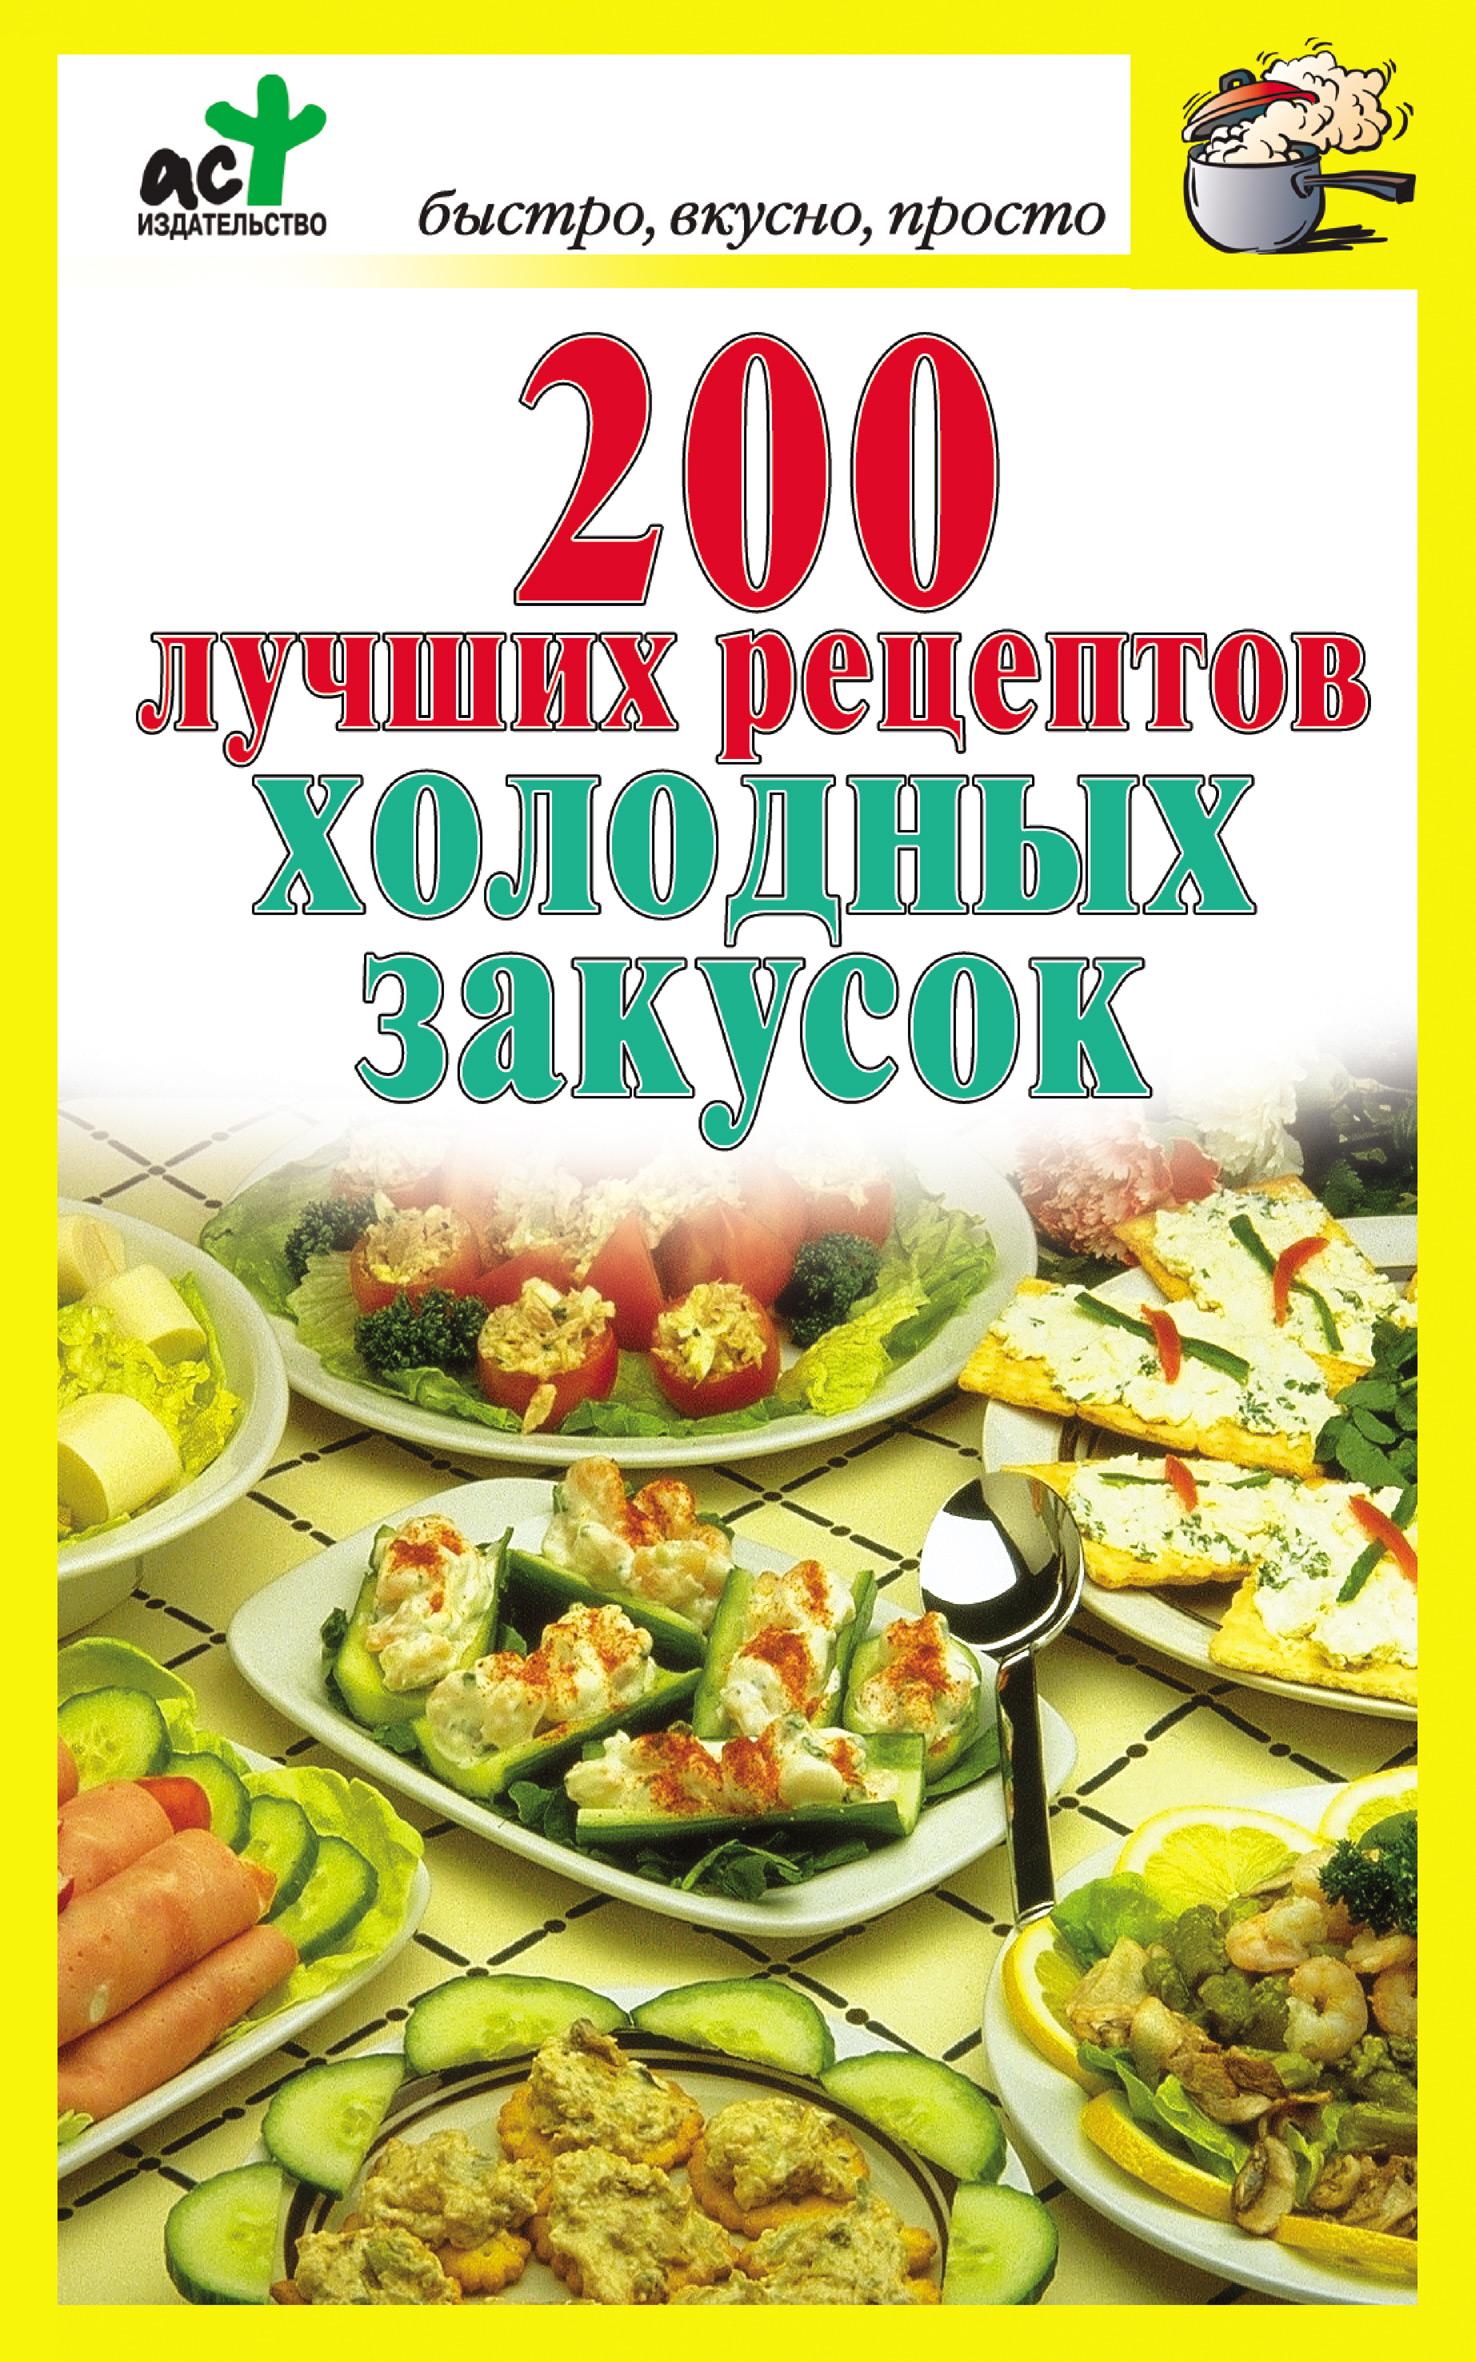 Отсутствует 200 лучших рецептов холодных закусок оригинальные закуски к пивной вечеринке